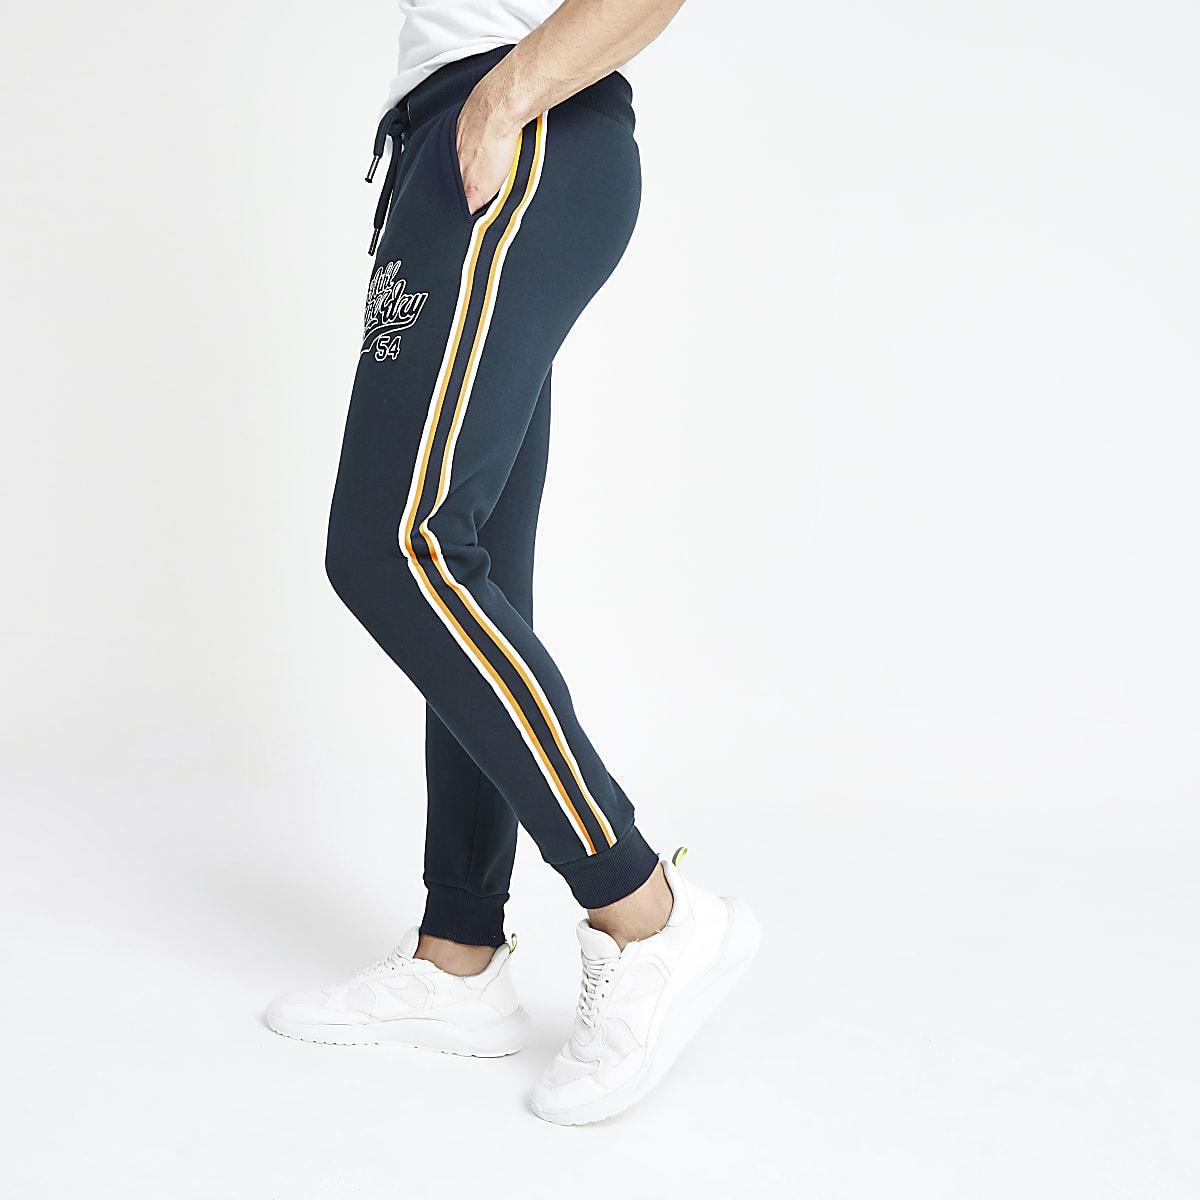 Superdry - Marineblauwe joggingbroek met appliqué